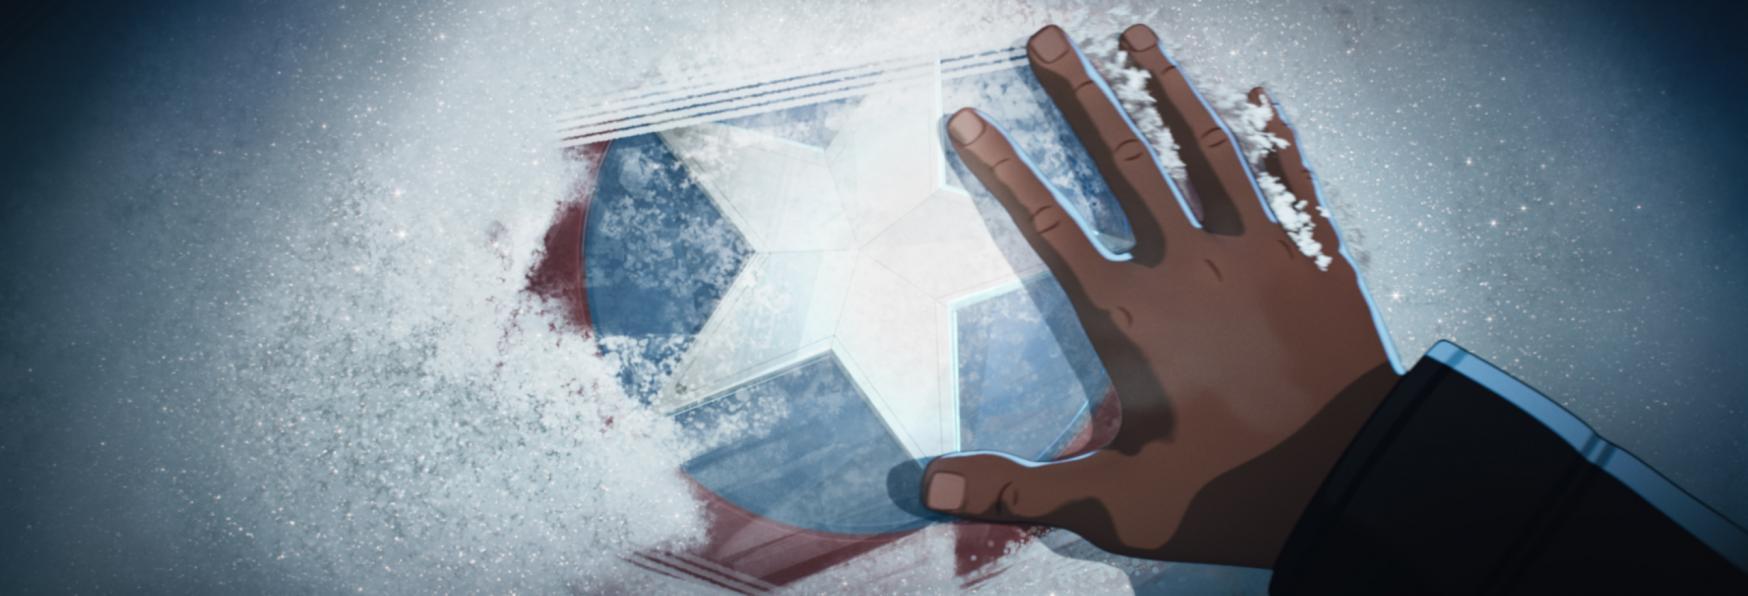 What If...? - Trama, Cast, Data di Uscita, Trailer e tutte le Informazioni note sulla Serie Animata Marvel